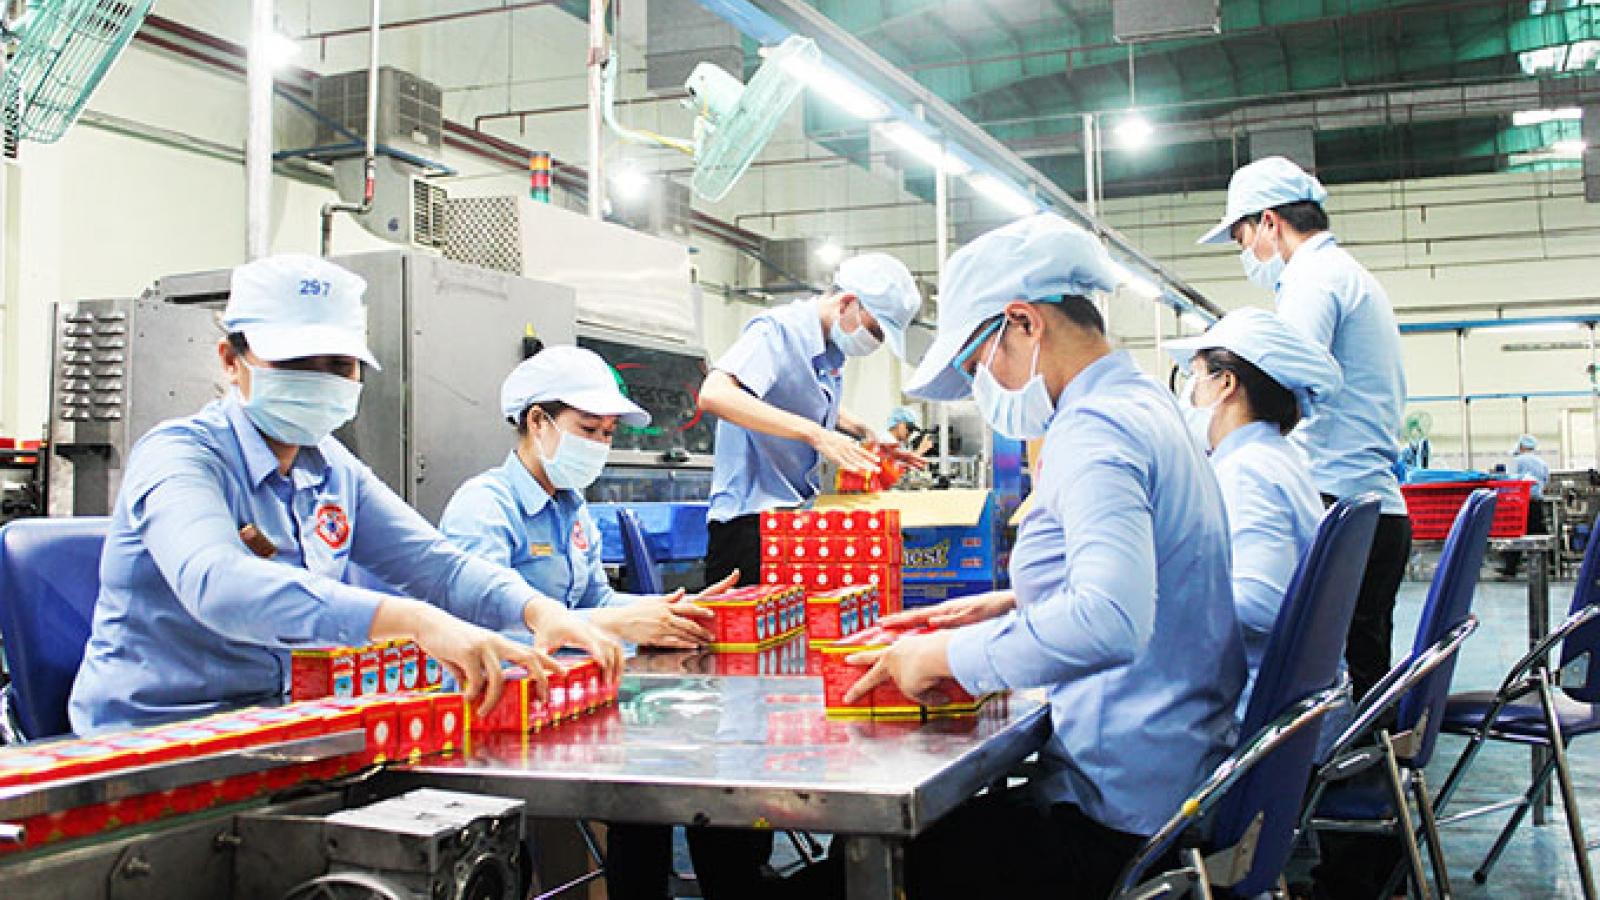 Thủ tướng chỉ đạo lập 7 đoàn kiểm tra, tháo gỡ khó khăn sản xuất kinh doanh